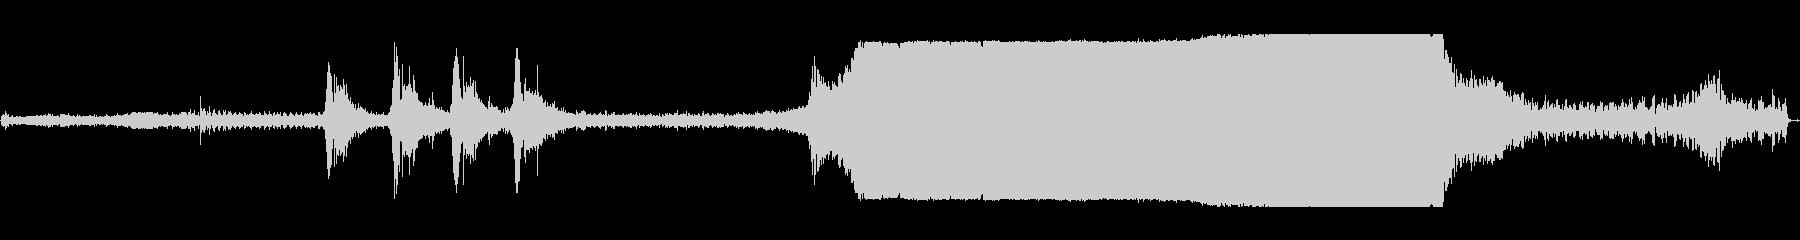 トラクタープルレース回転dの未再生の波形